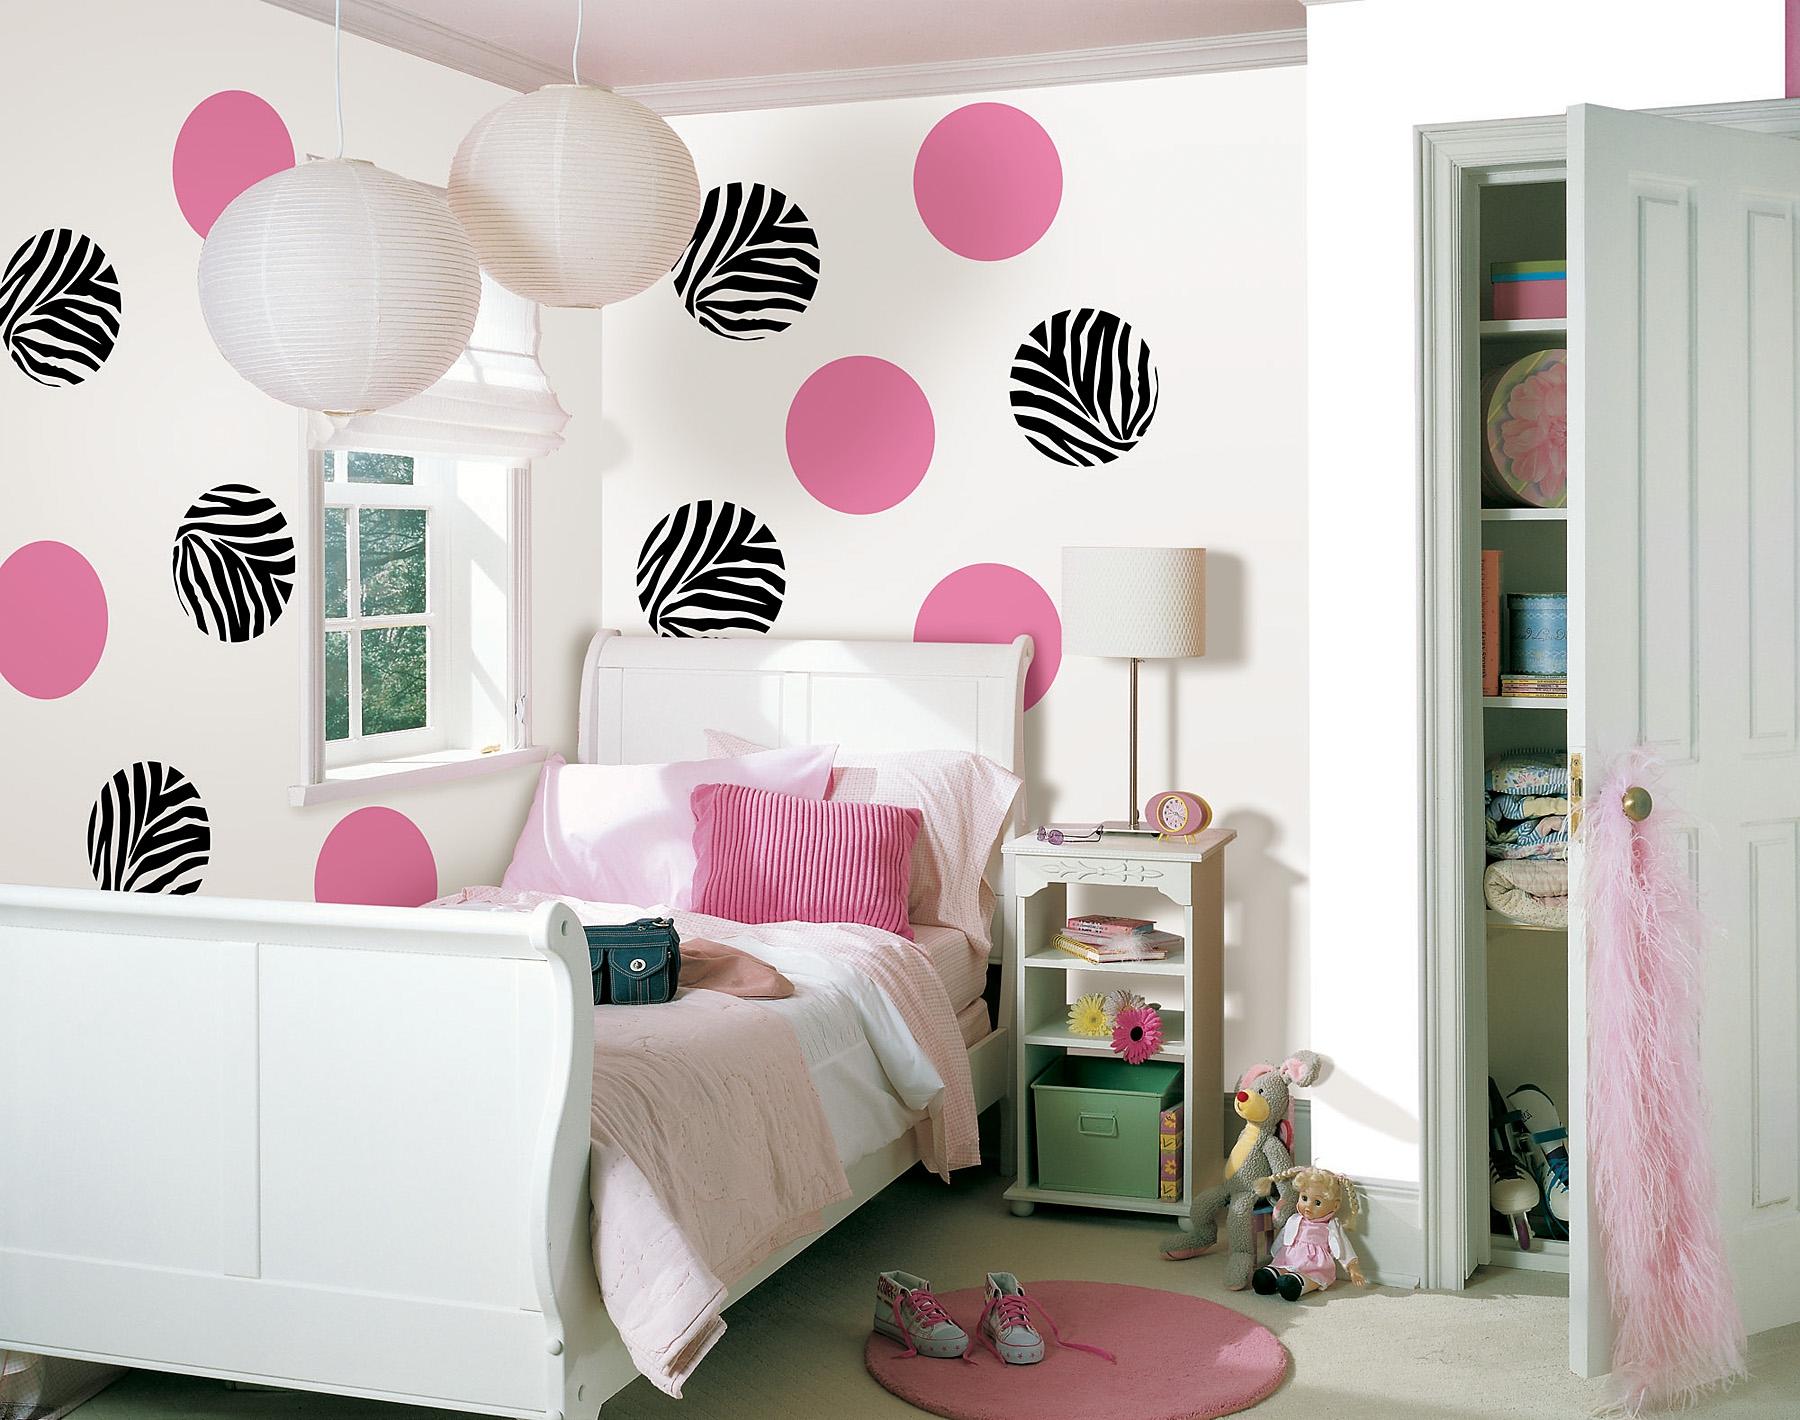 Обои с принтом для комнаты подросткаОбои с принтом для комнаты подростка